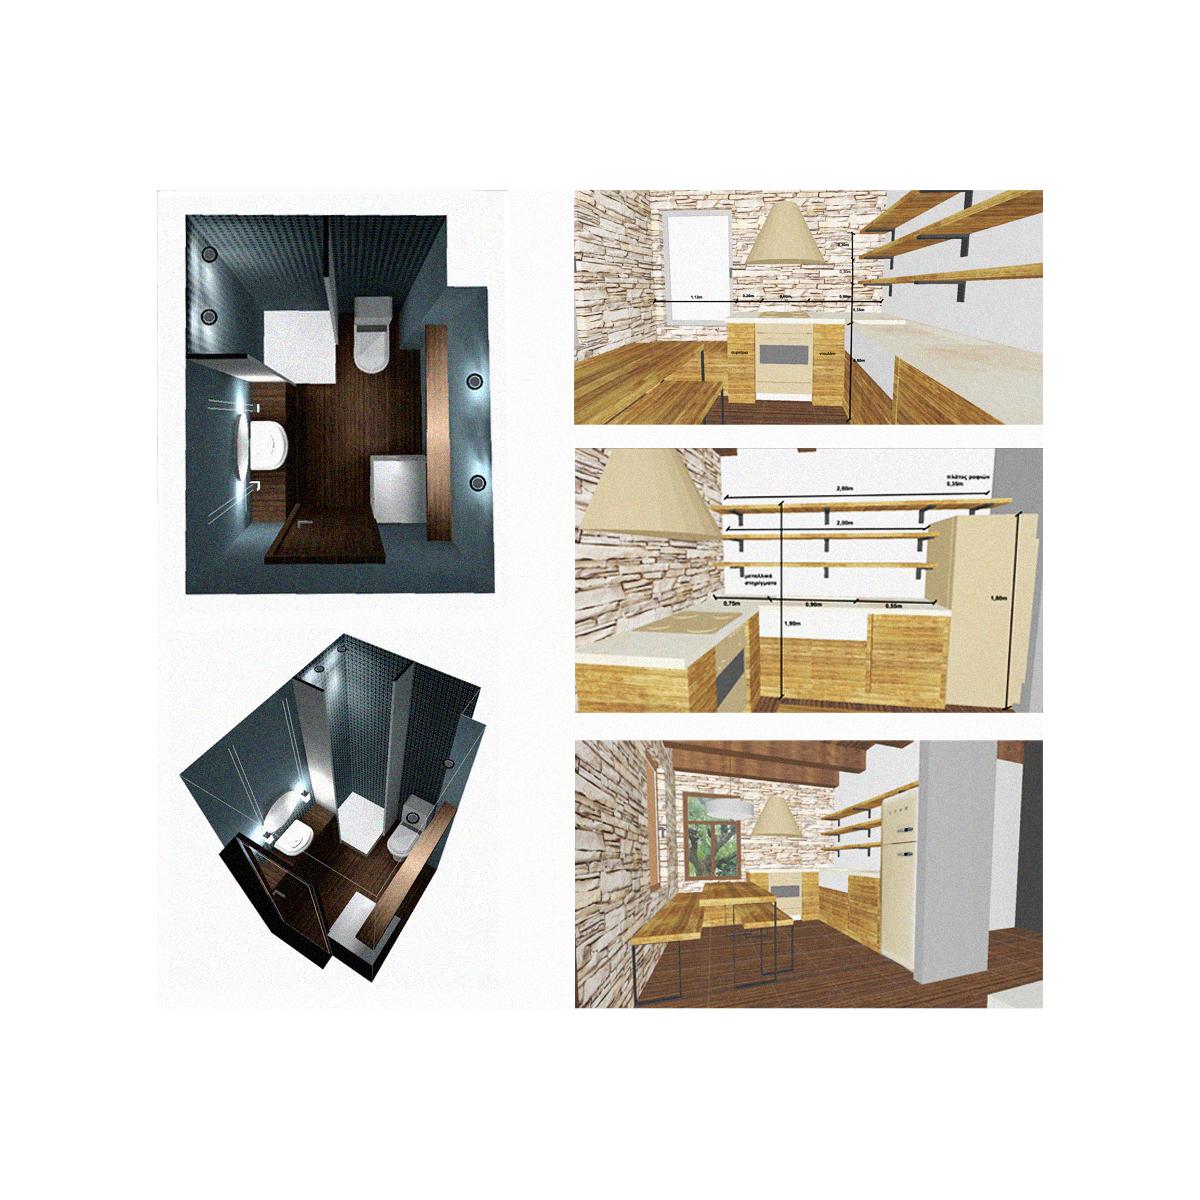 Σχεδιασμός χώρου 2